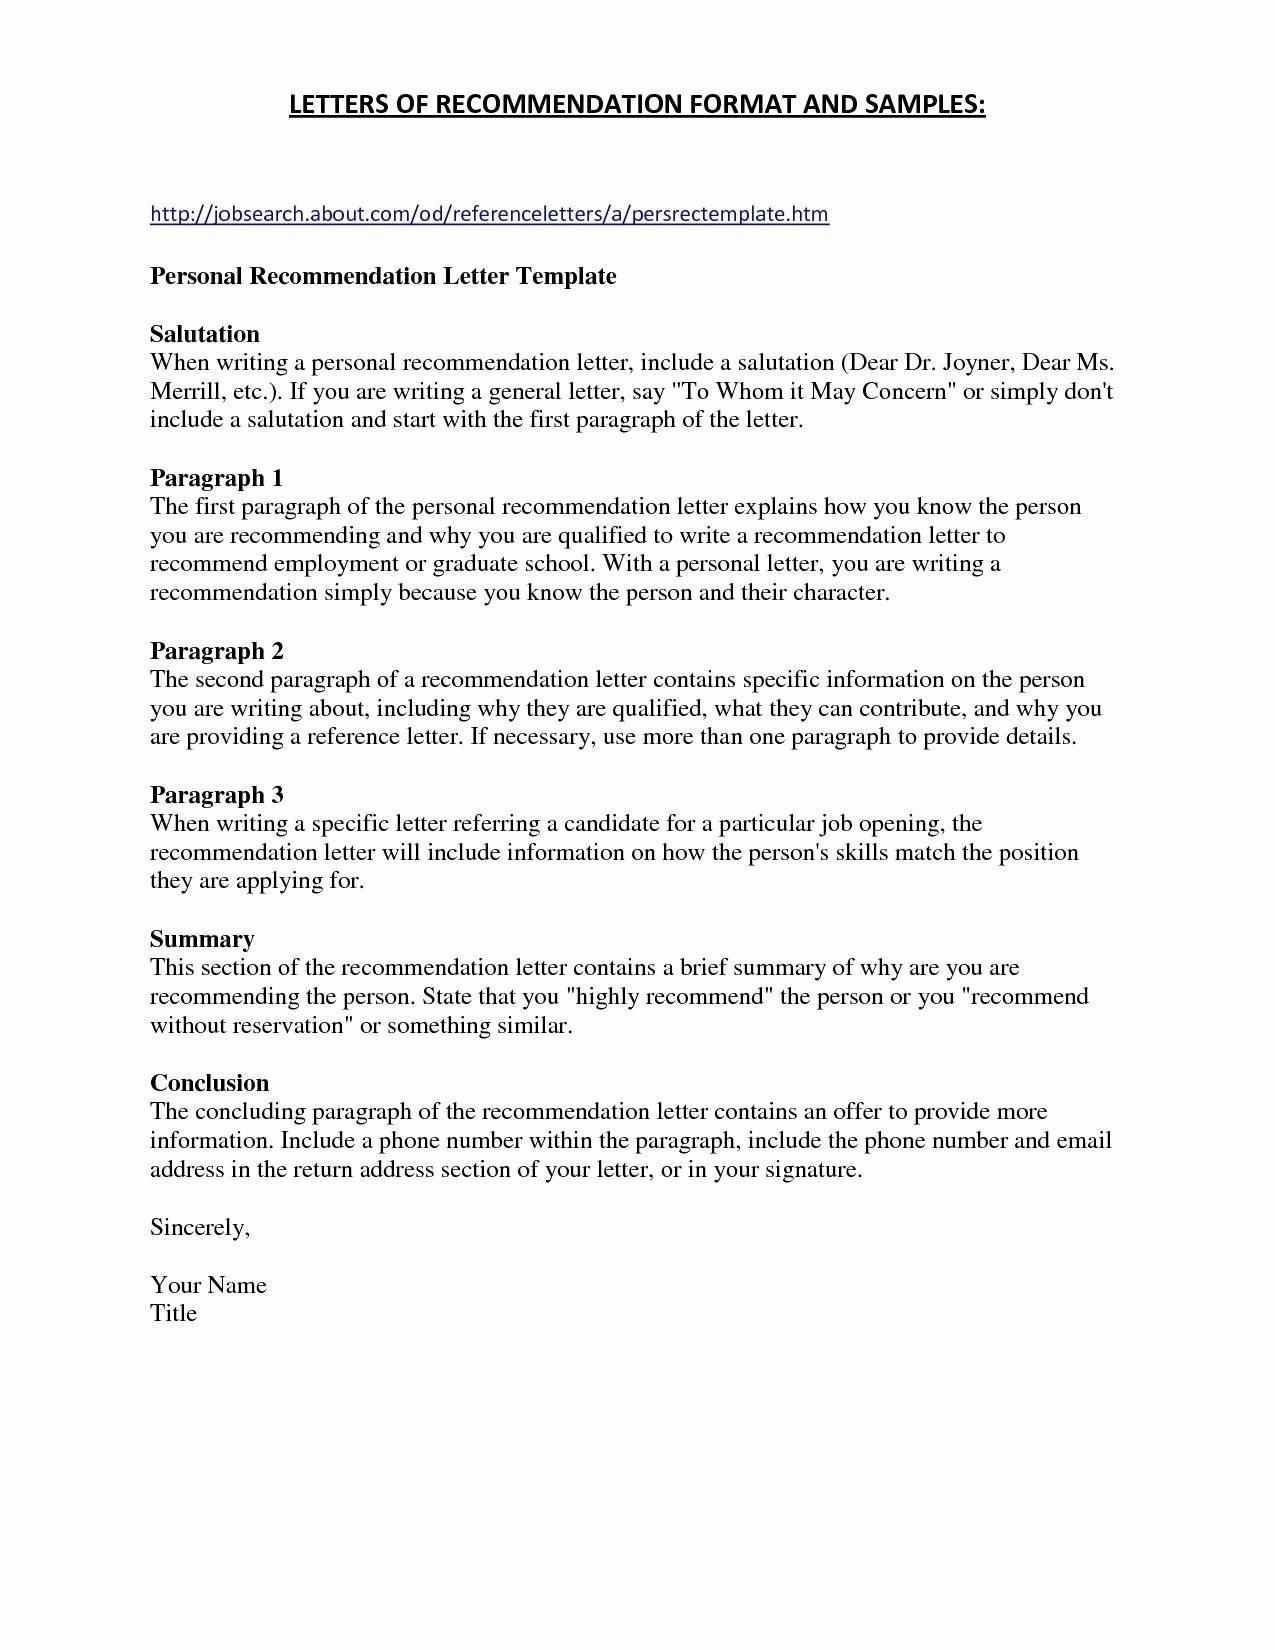 Short Cover Letter Template - Sample Short Cover Letter for Job Application Inspirationa Cover